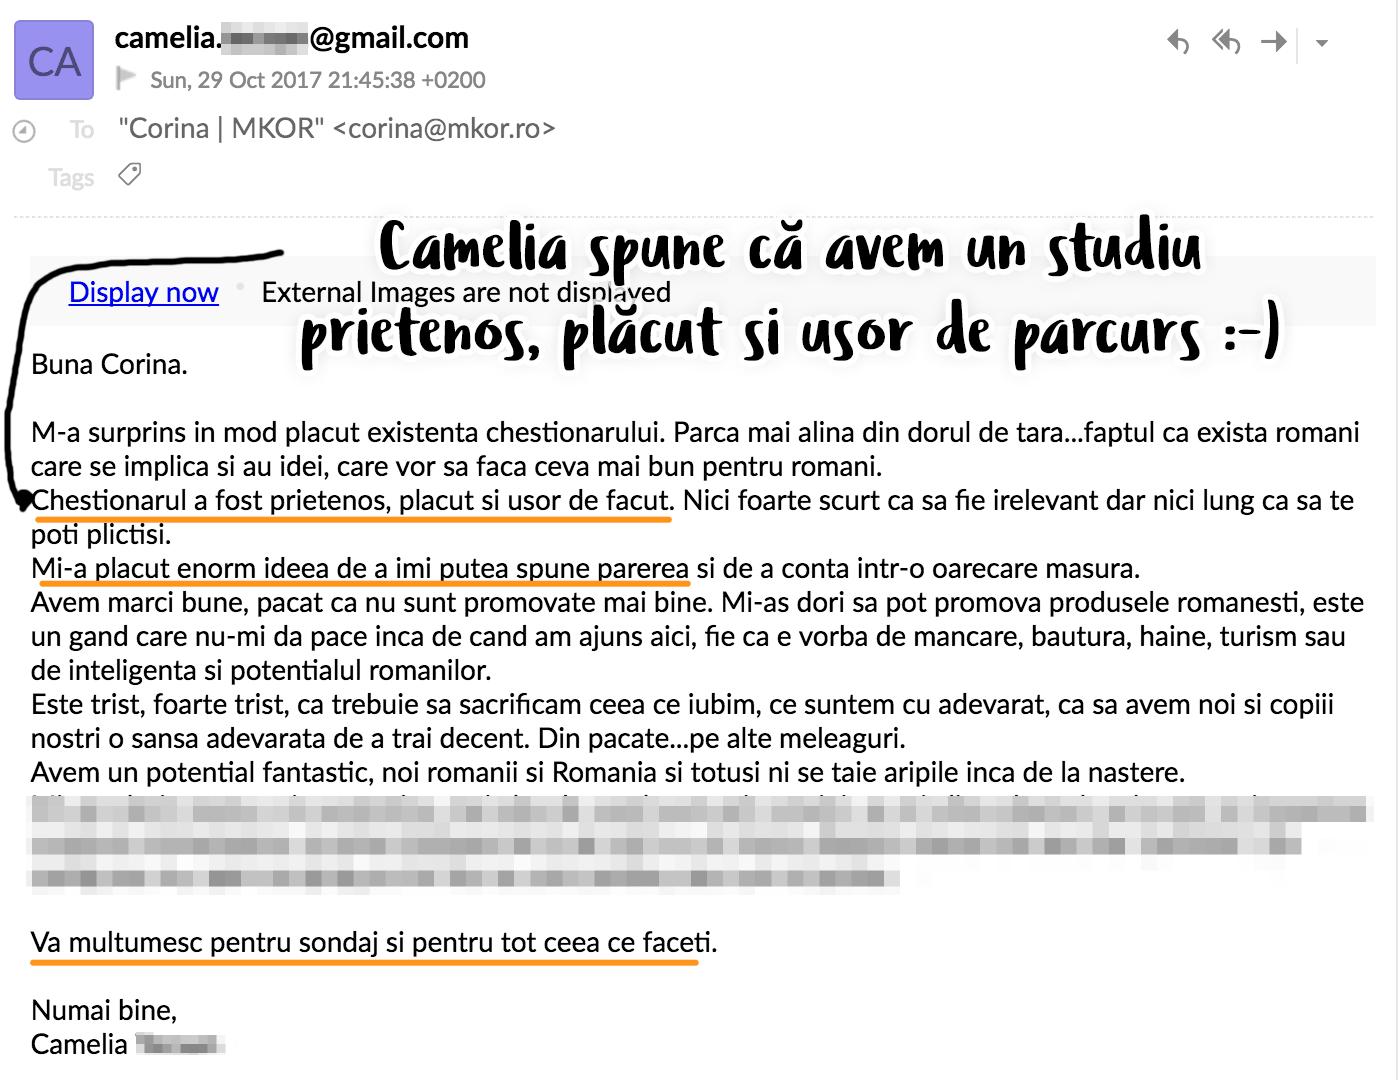 testimonial-email-camelia